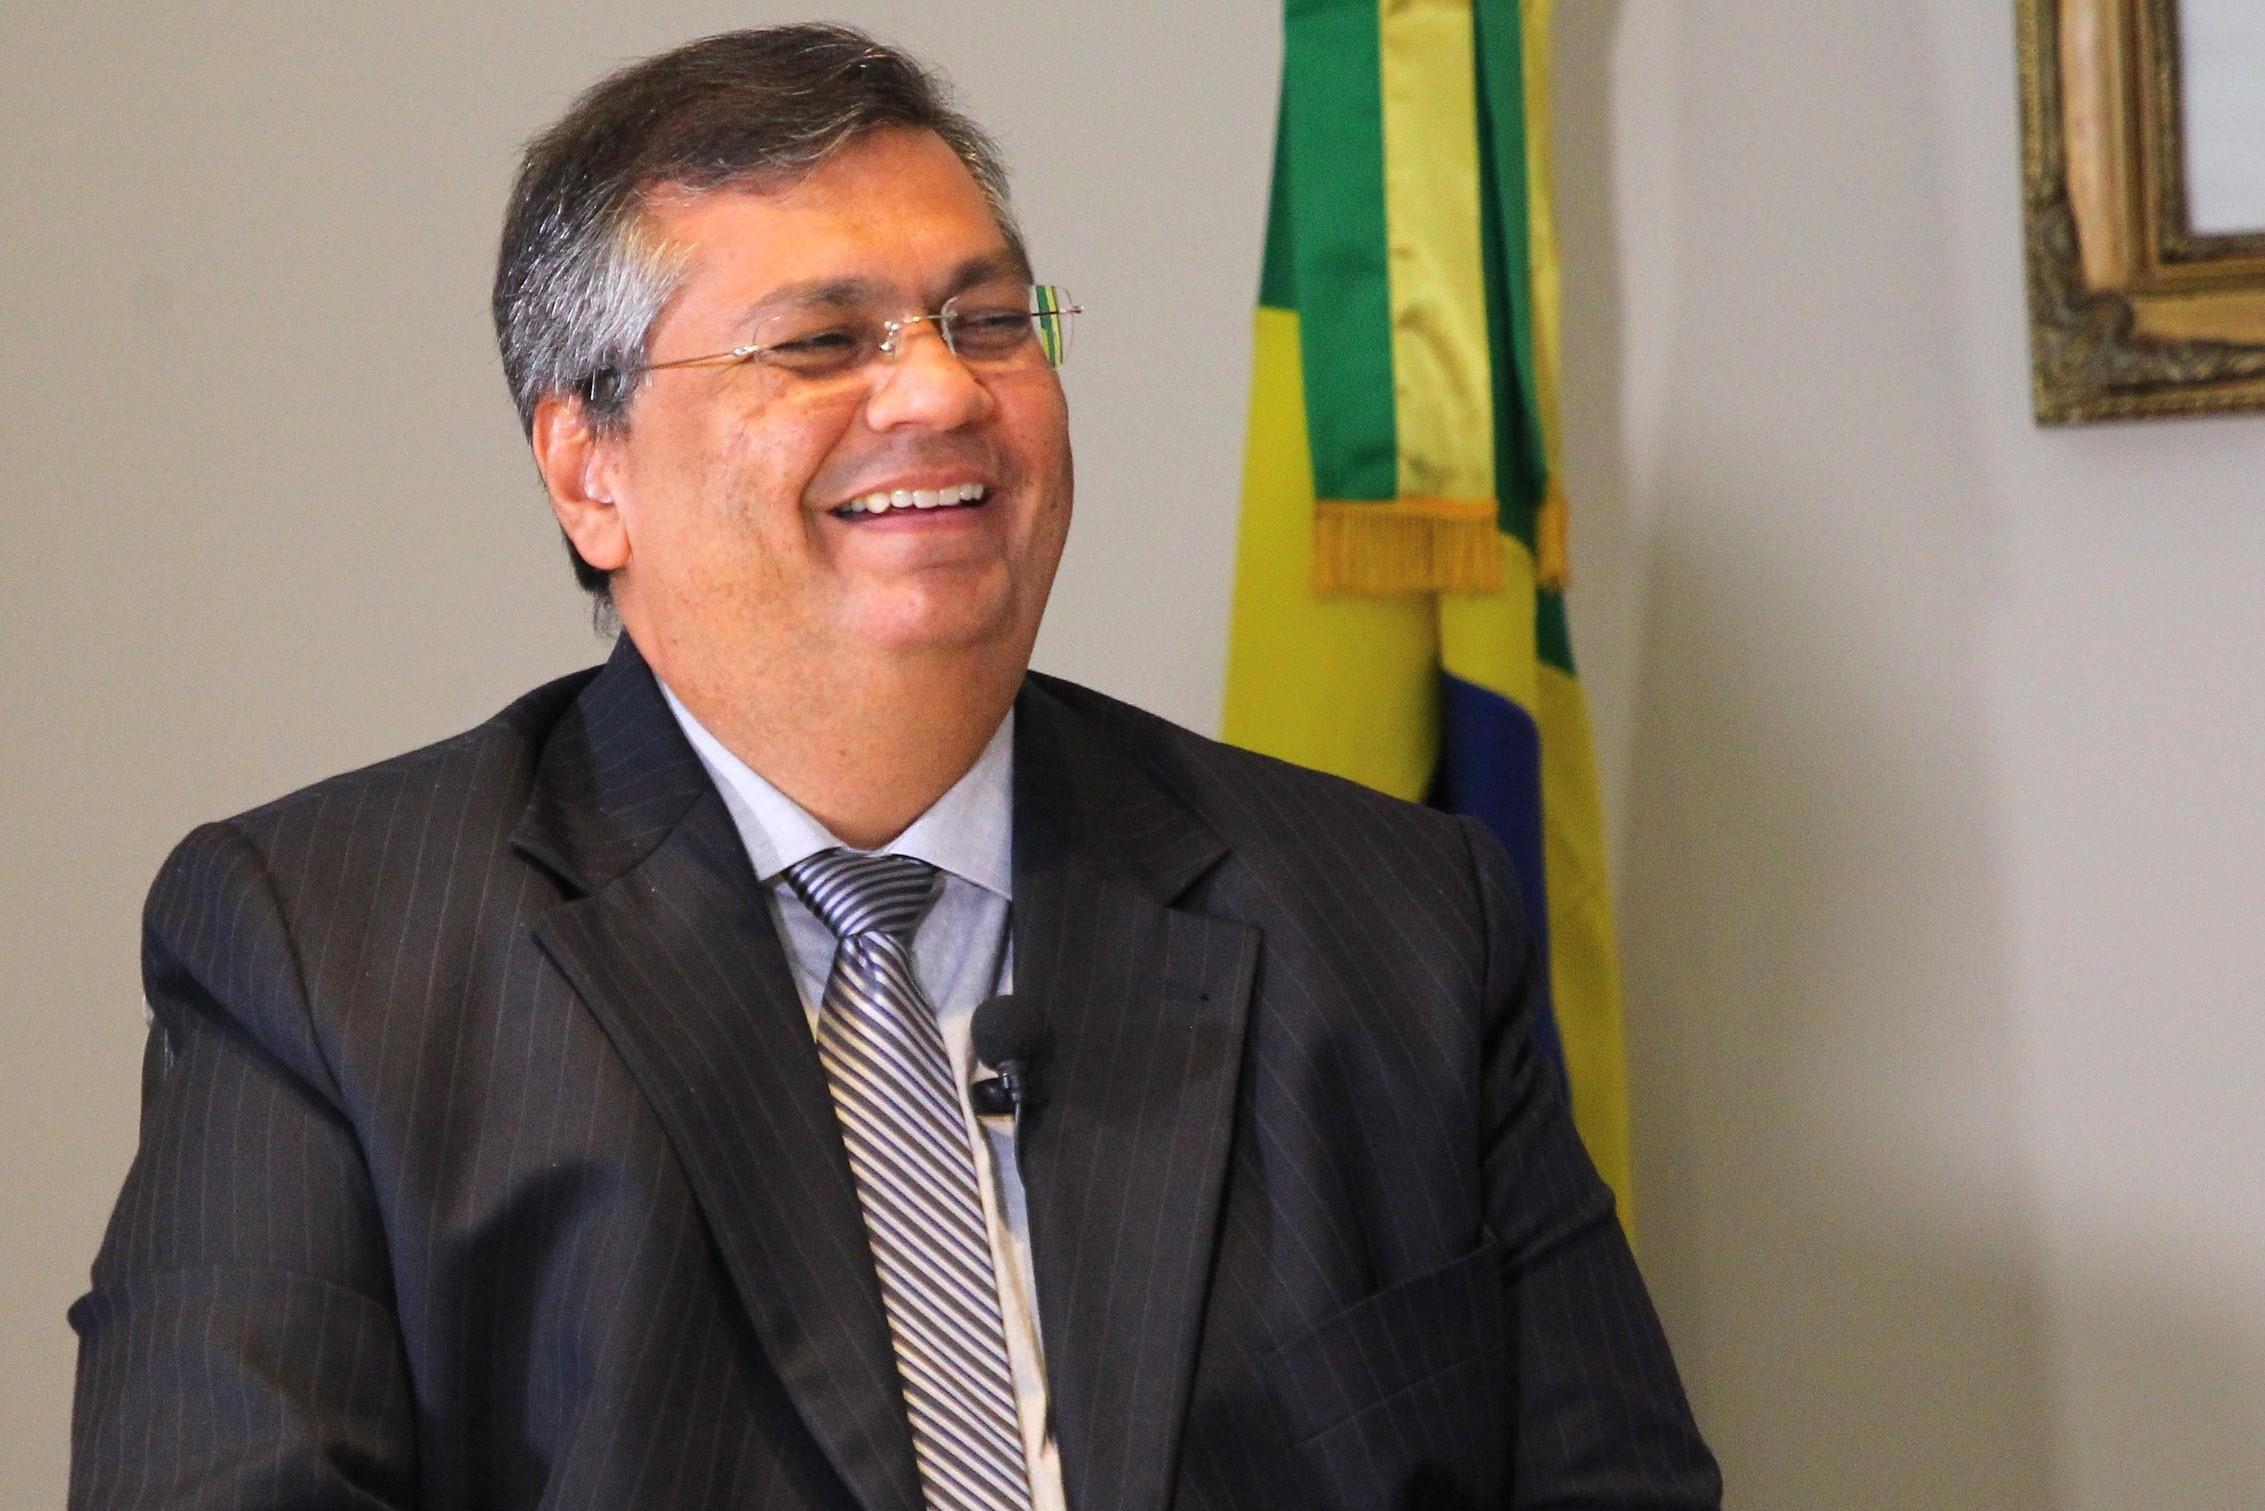 Maranhão administrado por governador comunista tem o maior índice de desemprego da história